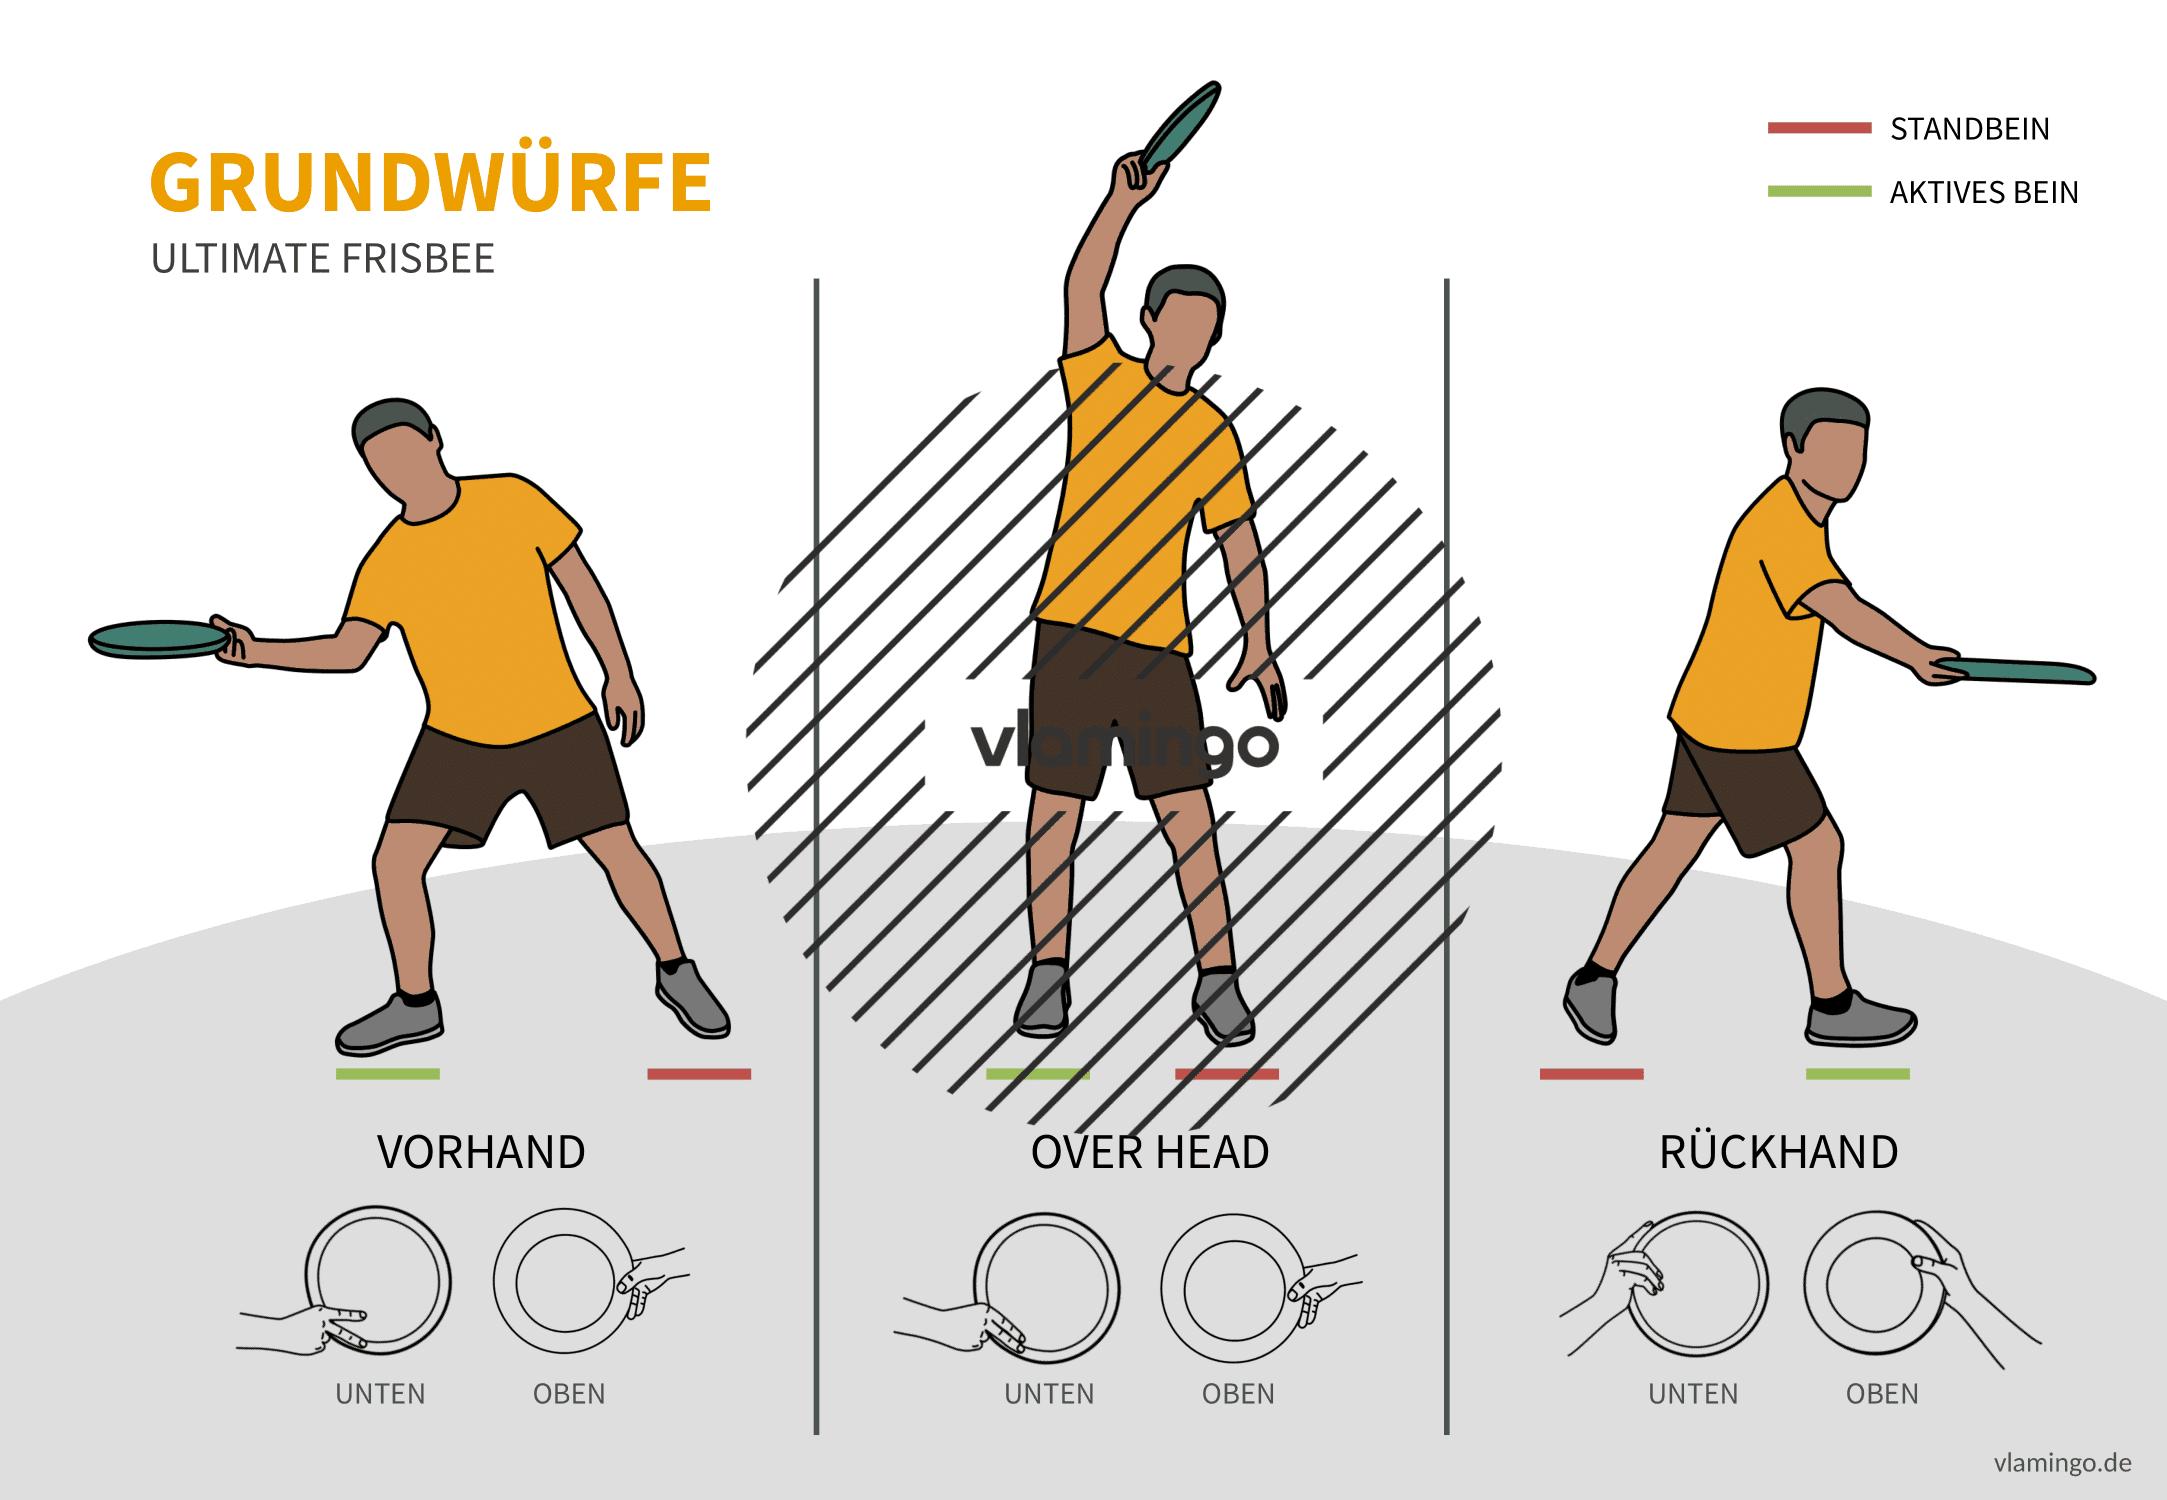 Frisbee - Technikkarten (Bewegungsabläufe) - 3 Grundwürfe